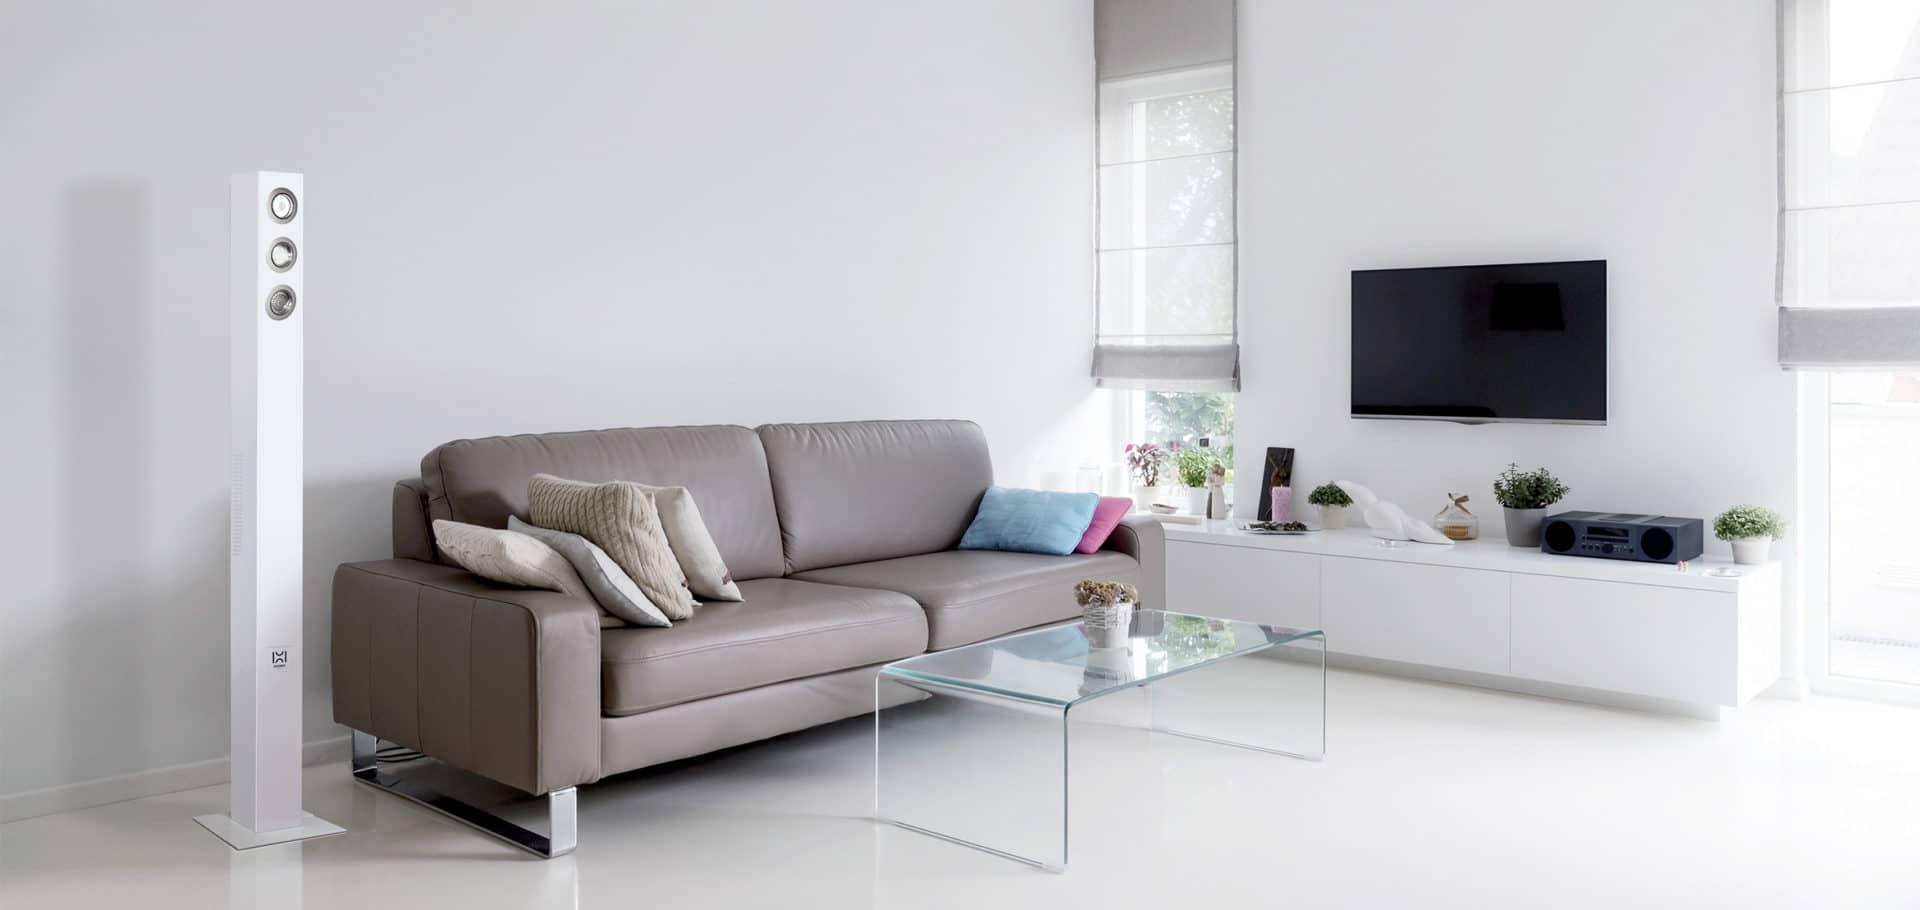 Alarme cambrioleur design blanche dans maison